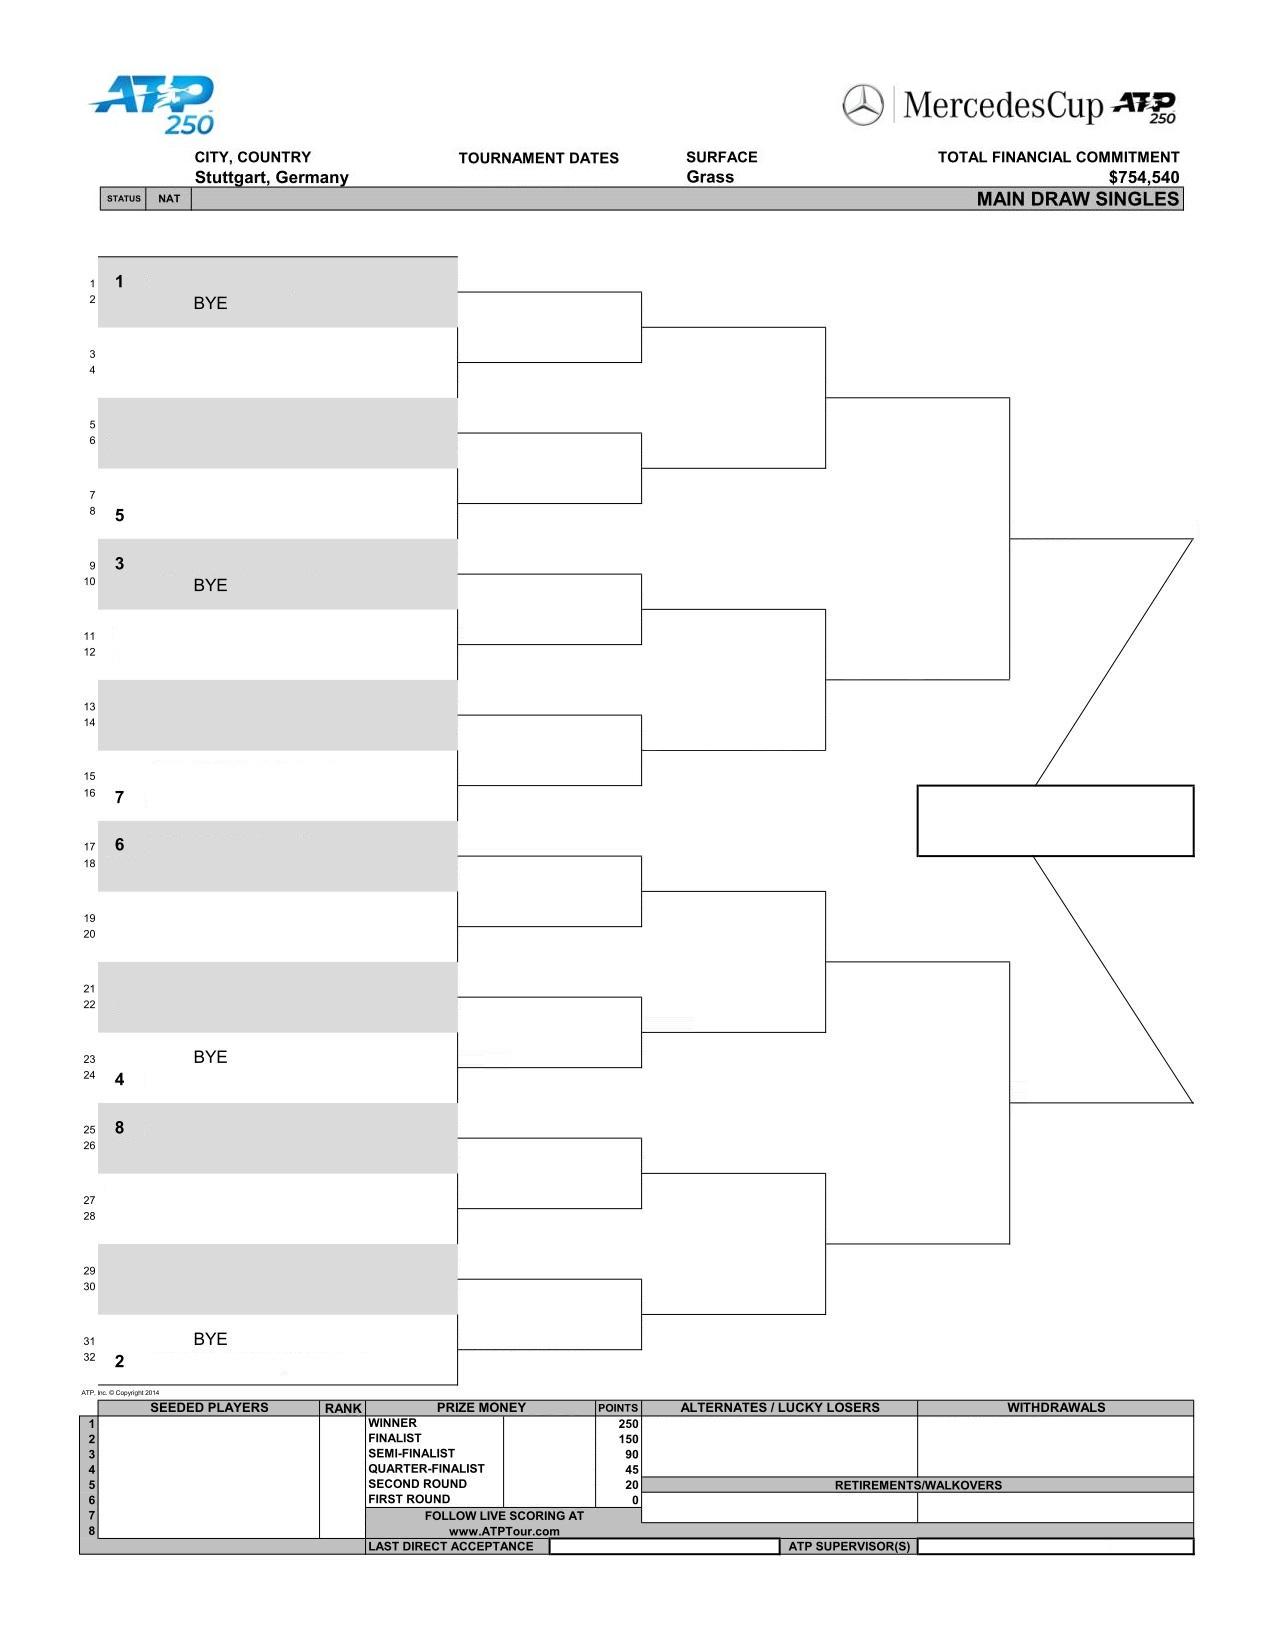 メルセデス カップ 2021のドロー(トーナメント表)錦織圭出場予定